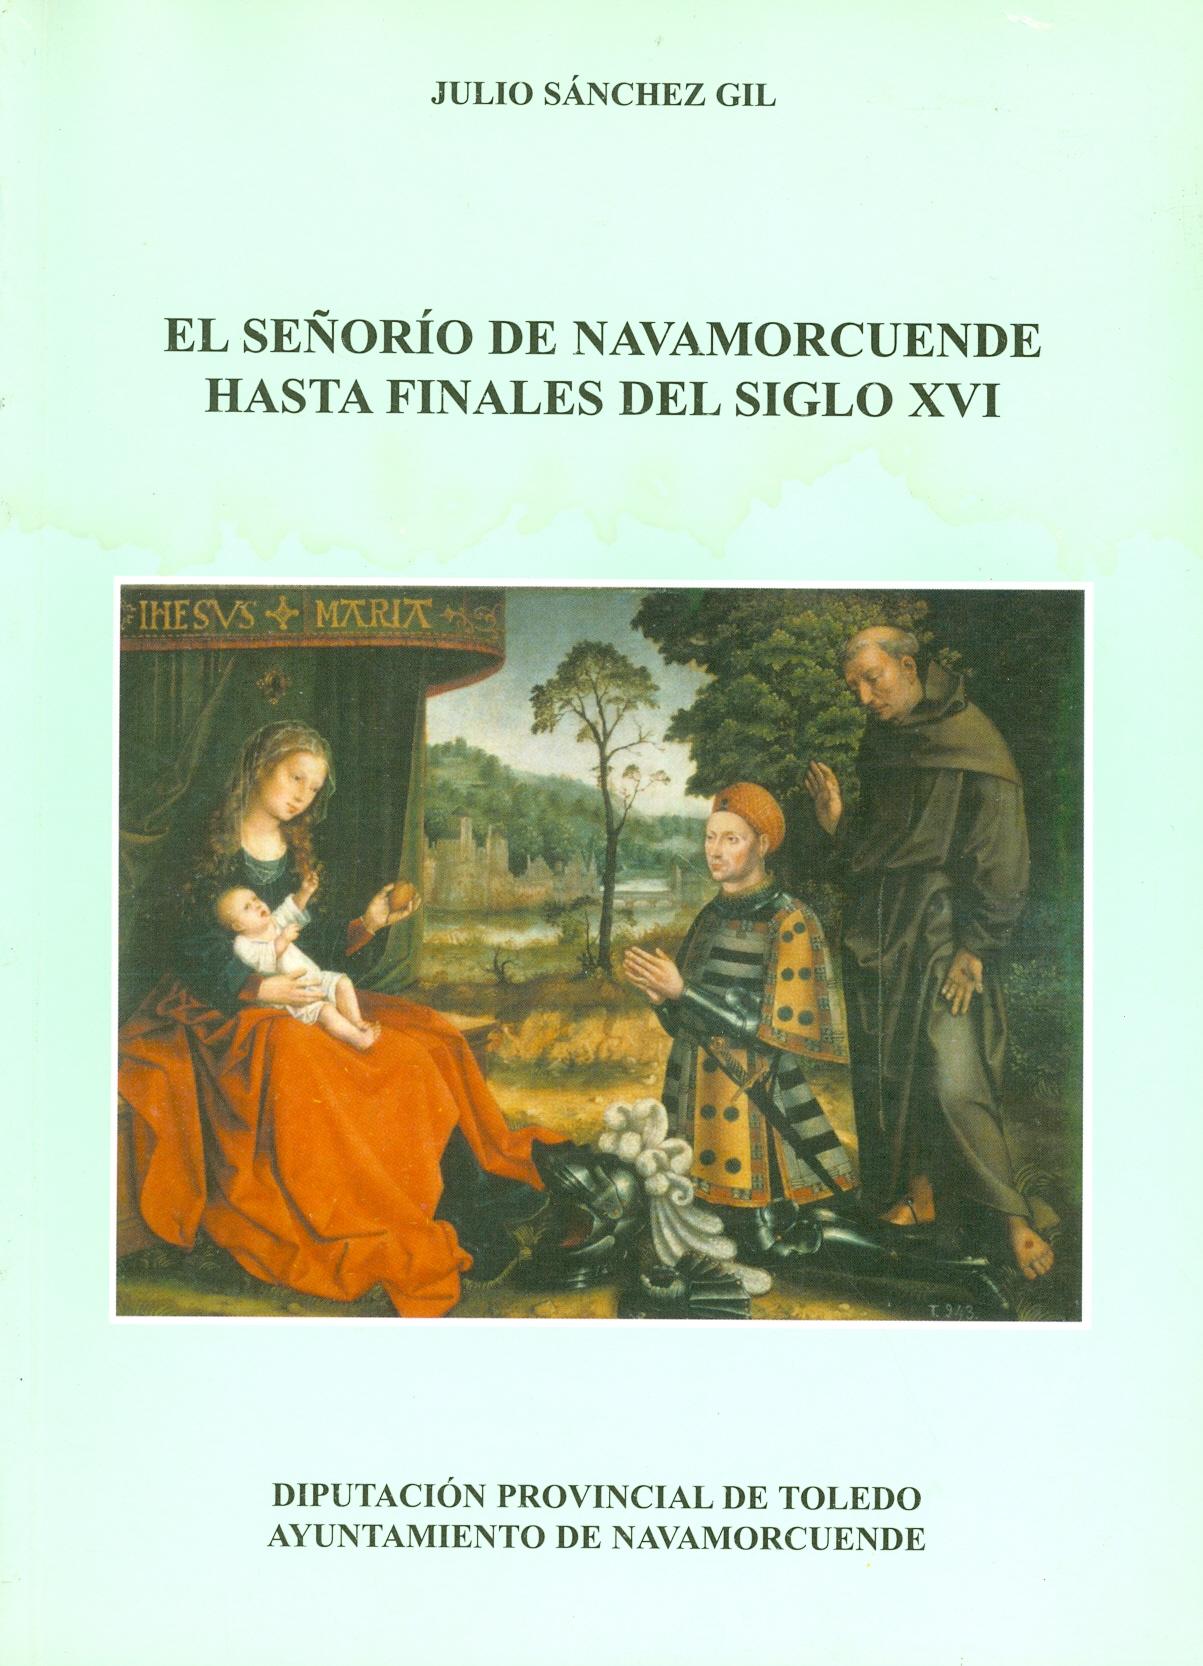 El Señorío de Navamorcuende hasta finales del siglo XVI